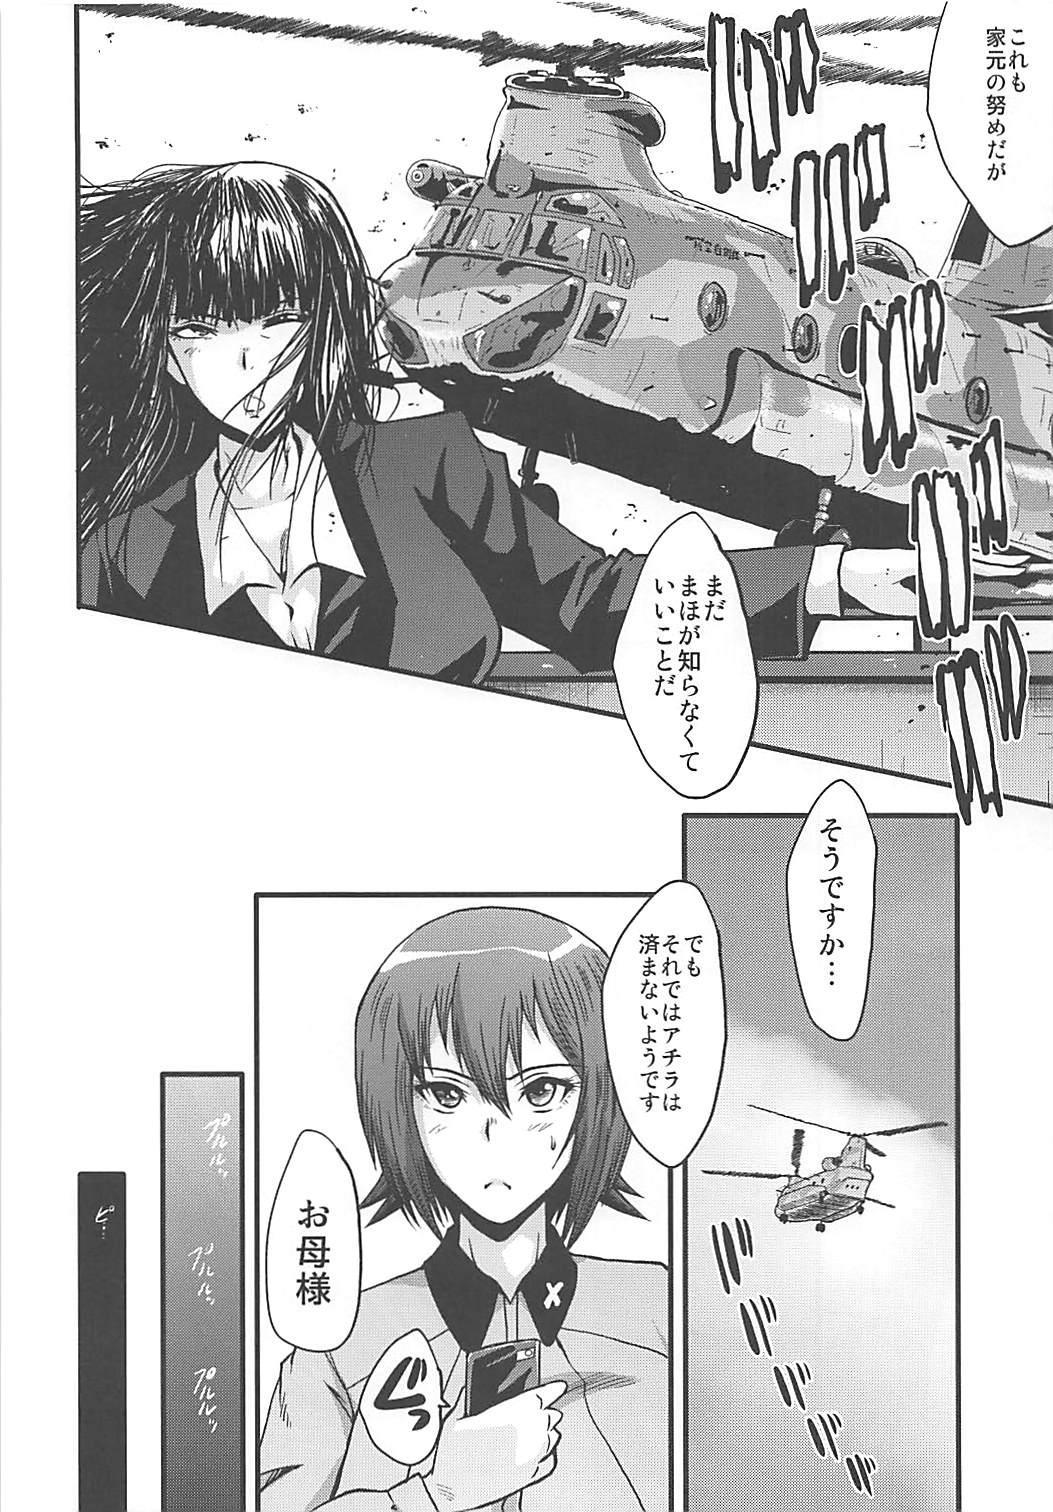 (C93) [Urakata Honpo (SINK)] Urabambi Vol. 56 ~Choubatsubou no Oyako Ana~ Bijin Oyako no Kimeseku Kairaku Jigoku~ (Girls und Panzer) 4